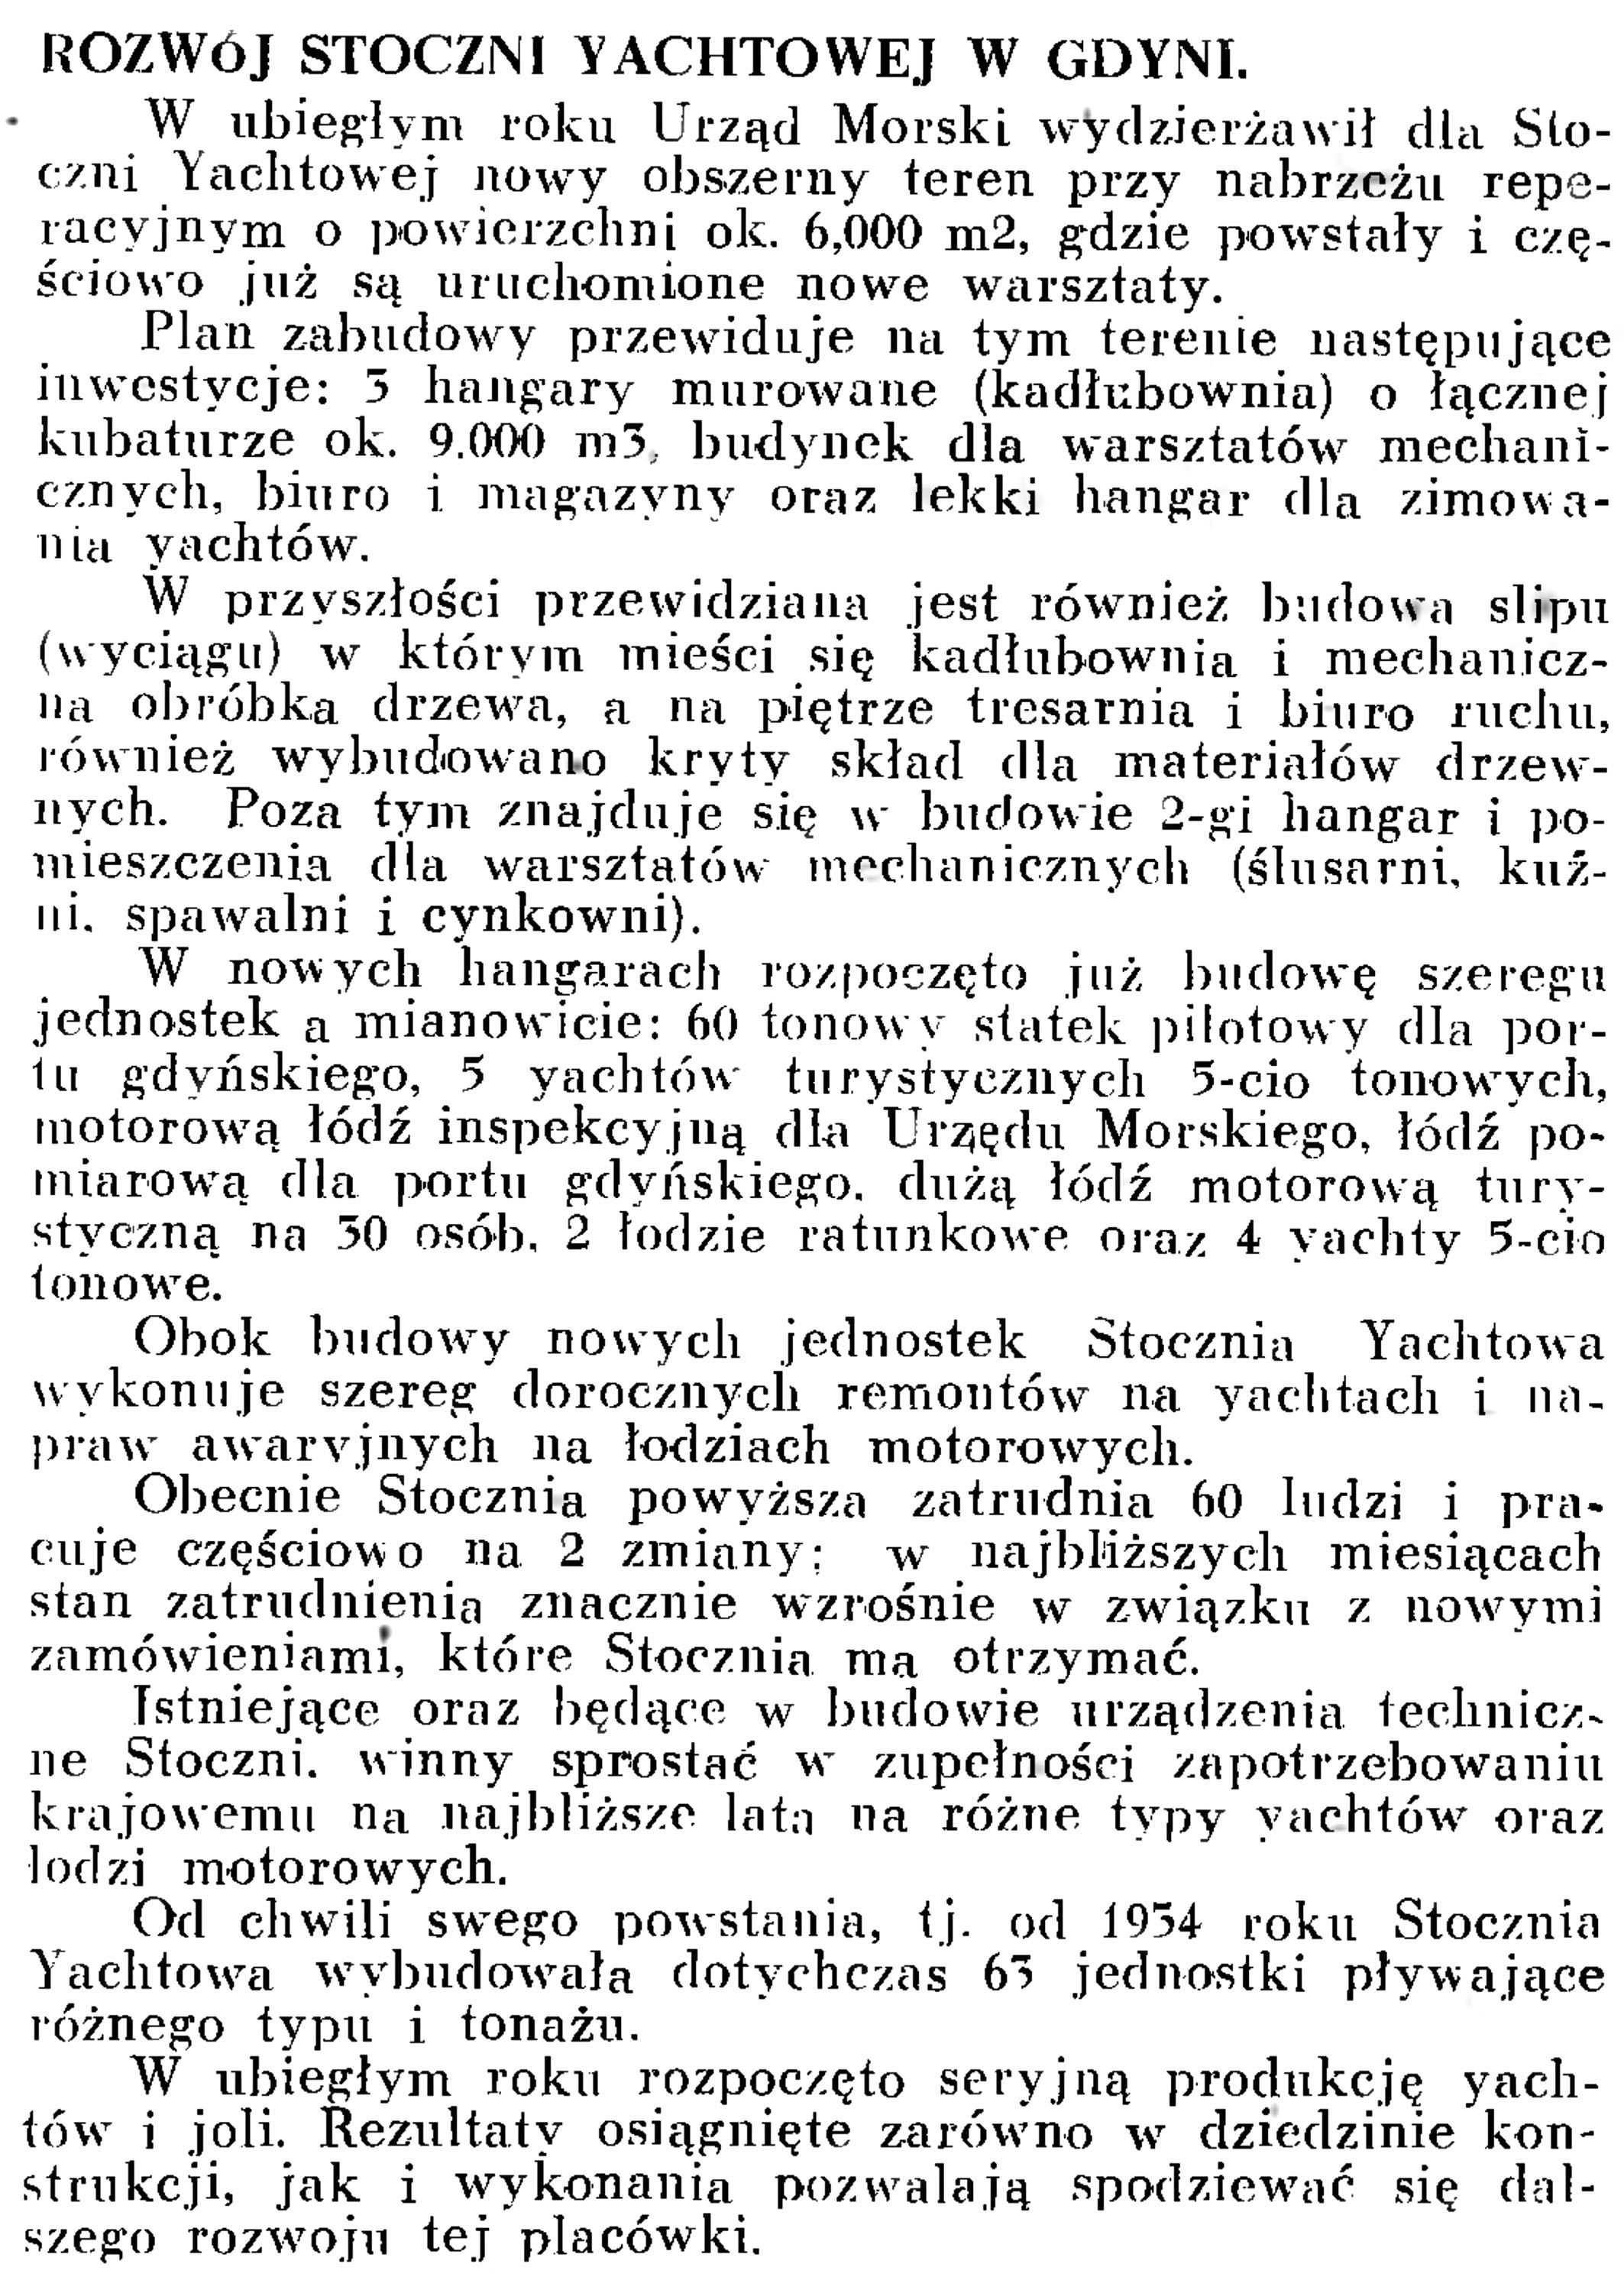 Rozwój stoczni Yachtowej w Gdyni // Wiadomości Portowe. - 1939, nr 3, s. 18